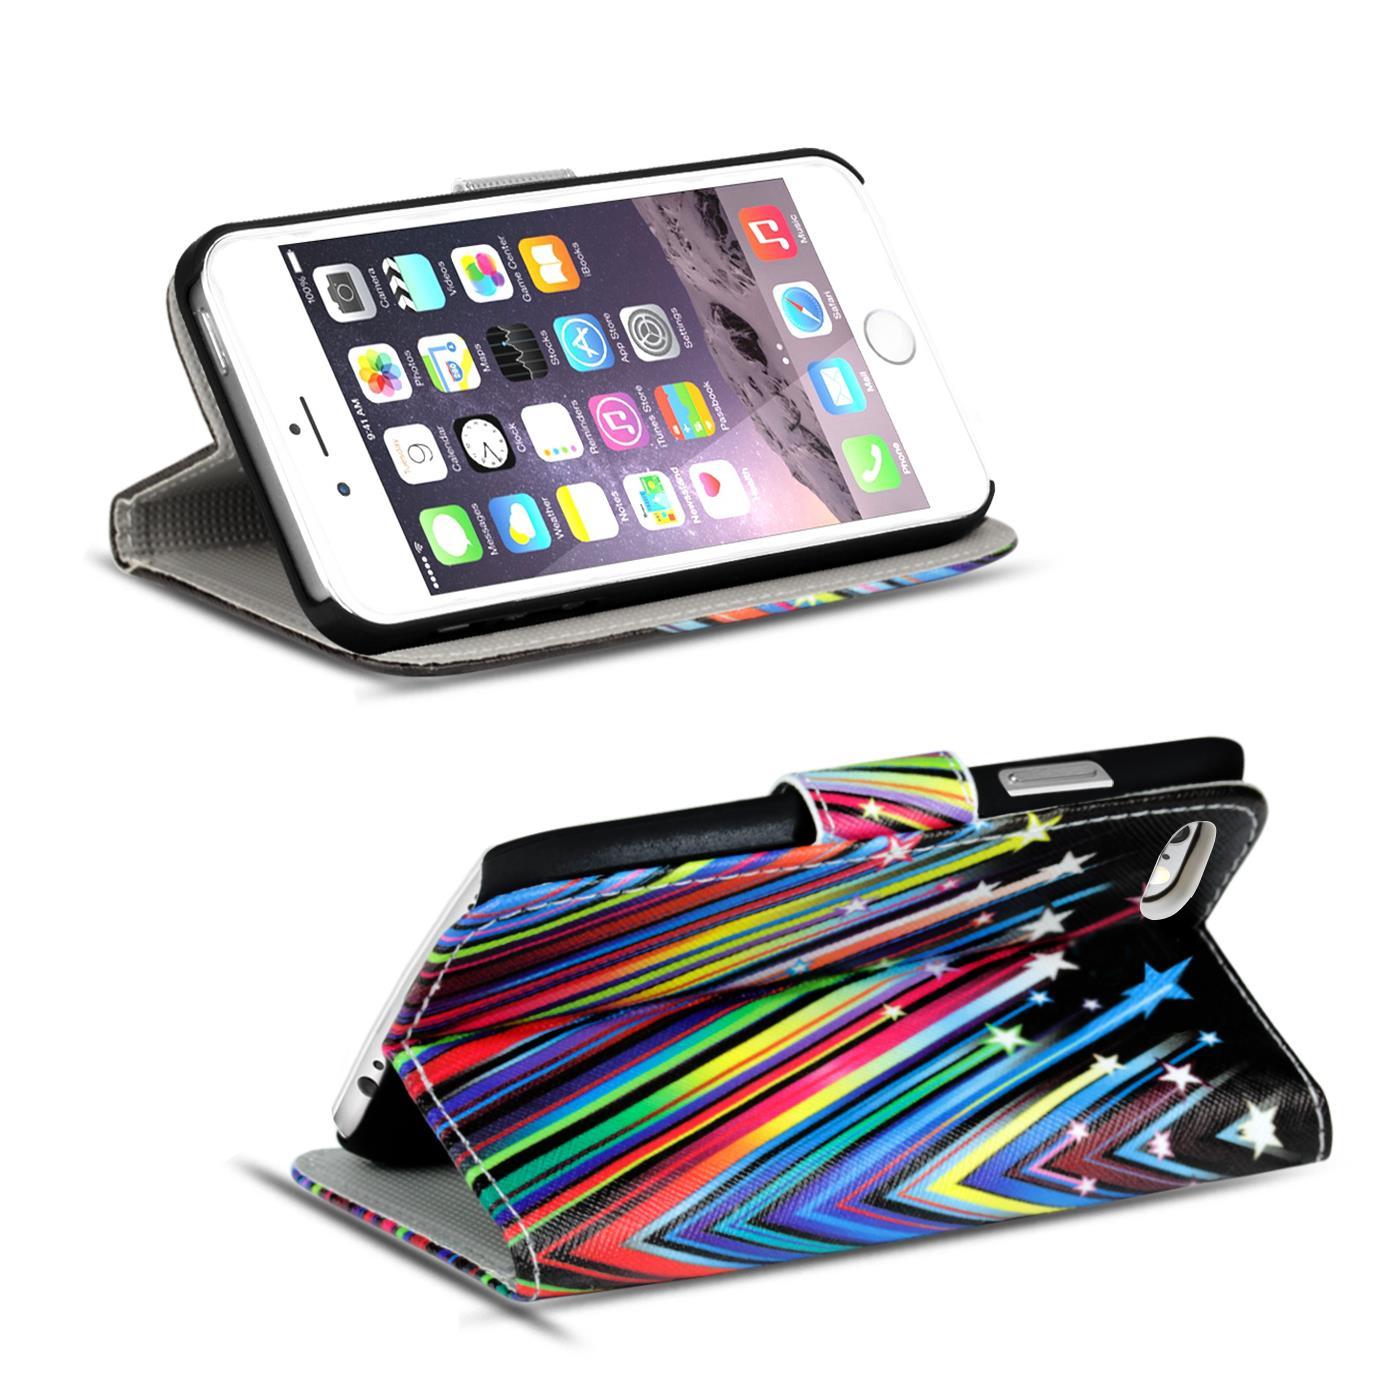 Handy-Huelle-Apple-iPhone-8-Plus-Flip-Cover-Case-Schutz-Tasche-Etui-Motiv-Wallet Indexbild 30